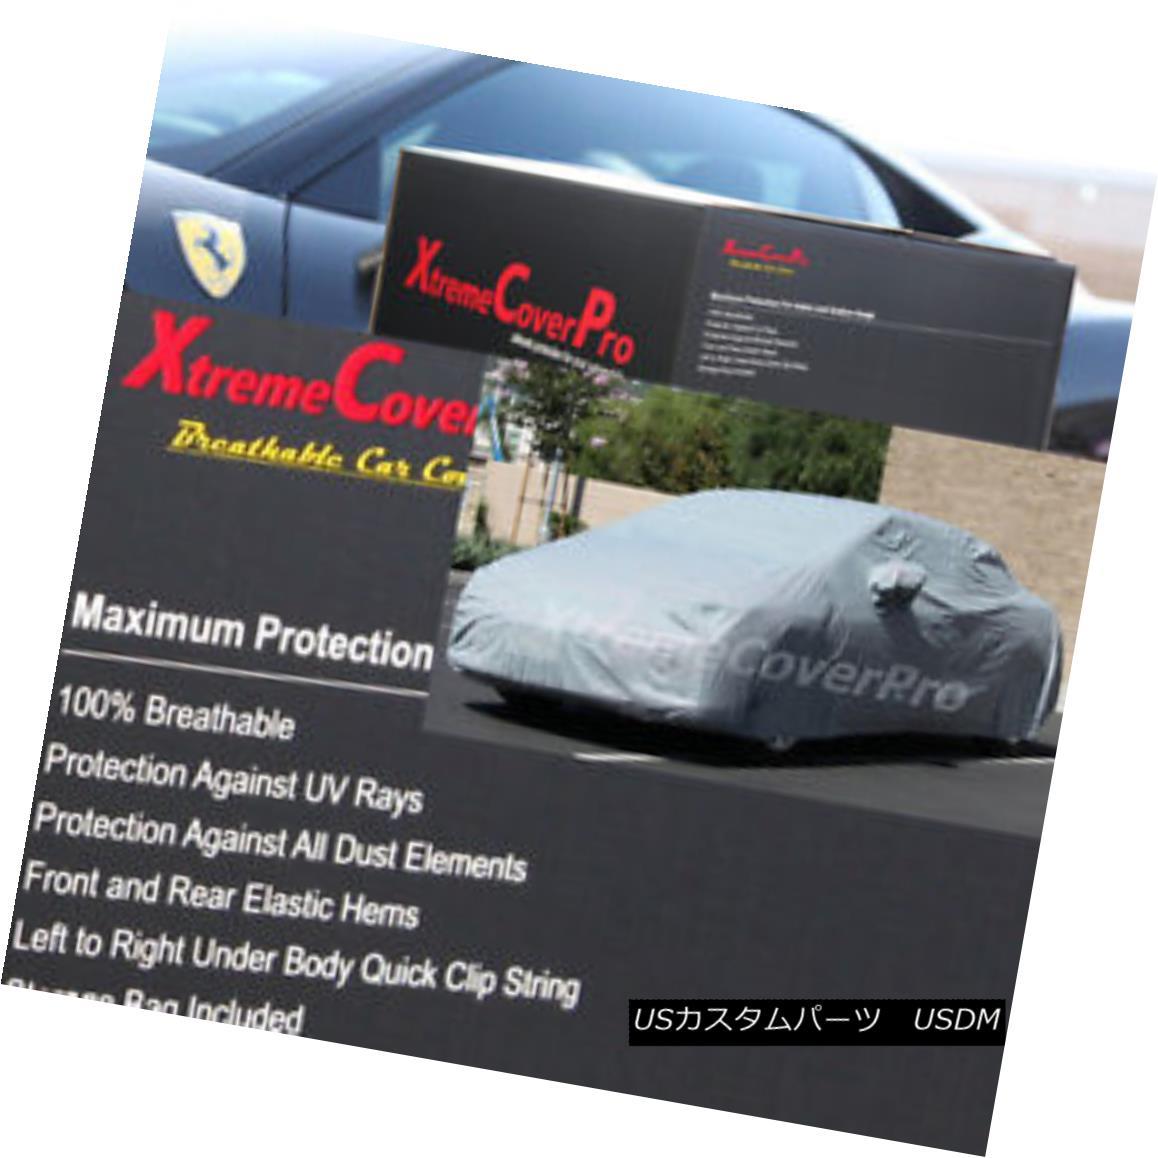 カーカバー 2006 BMW 325 330 Breathable Car Cover w/MirrorPocket 2006 BMW 325 330通気性のある車カバー付きMirrorPocket